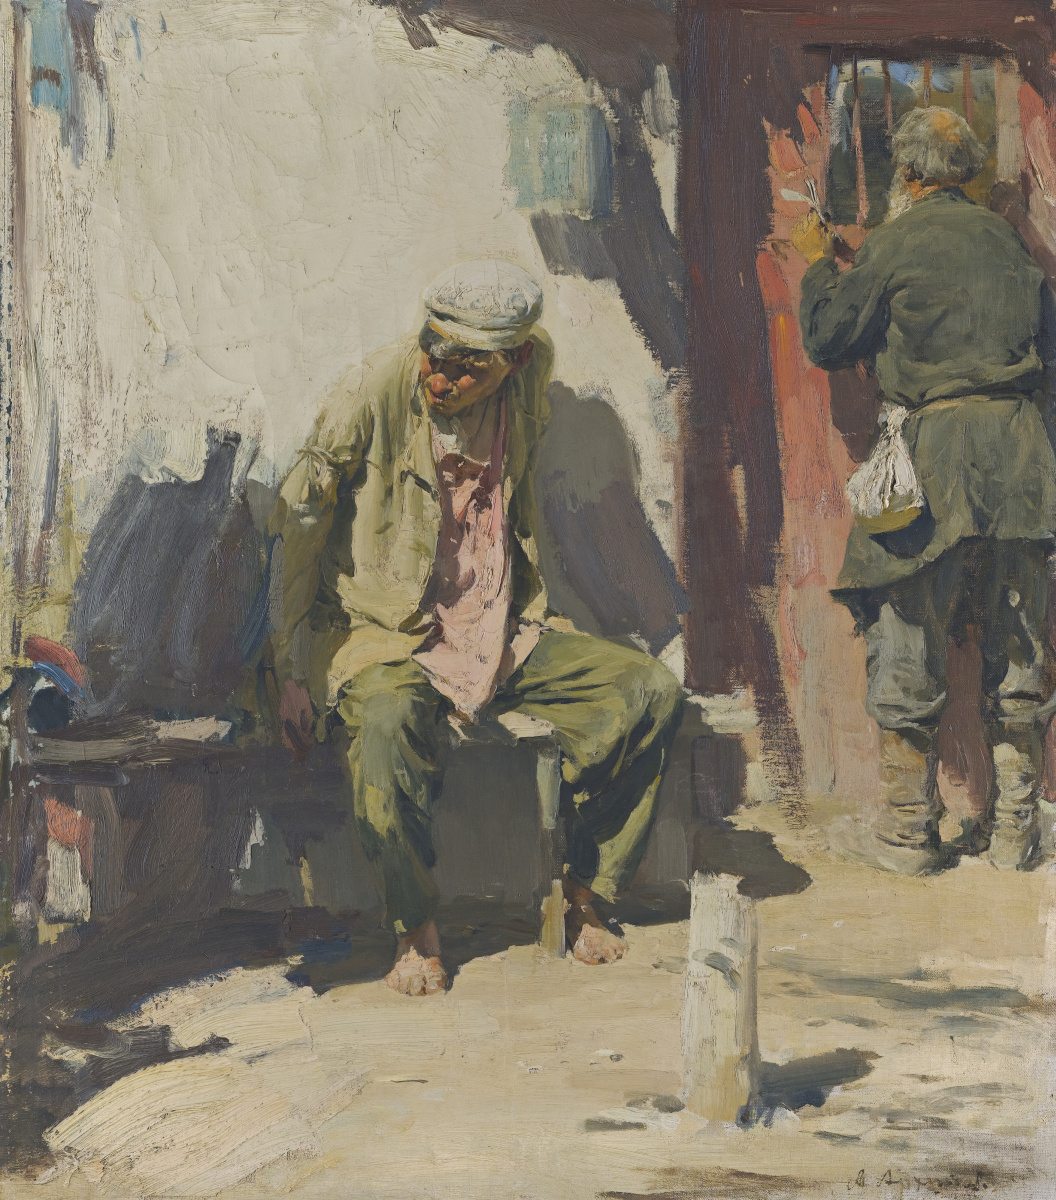 Abram E. Arkhipov. Beggars